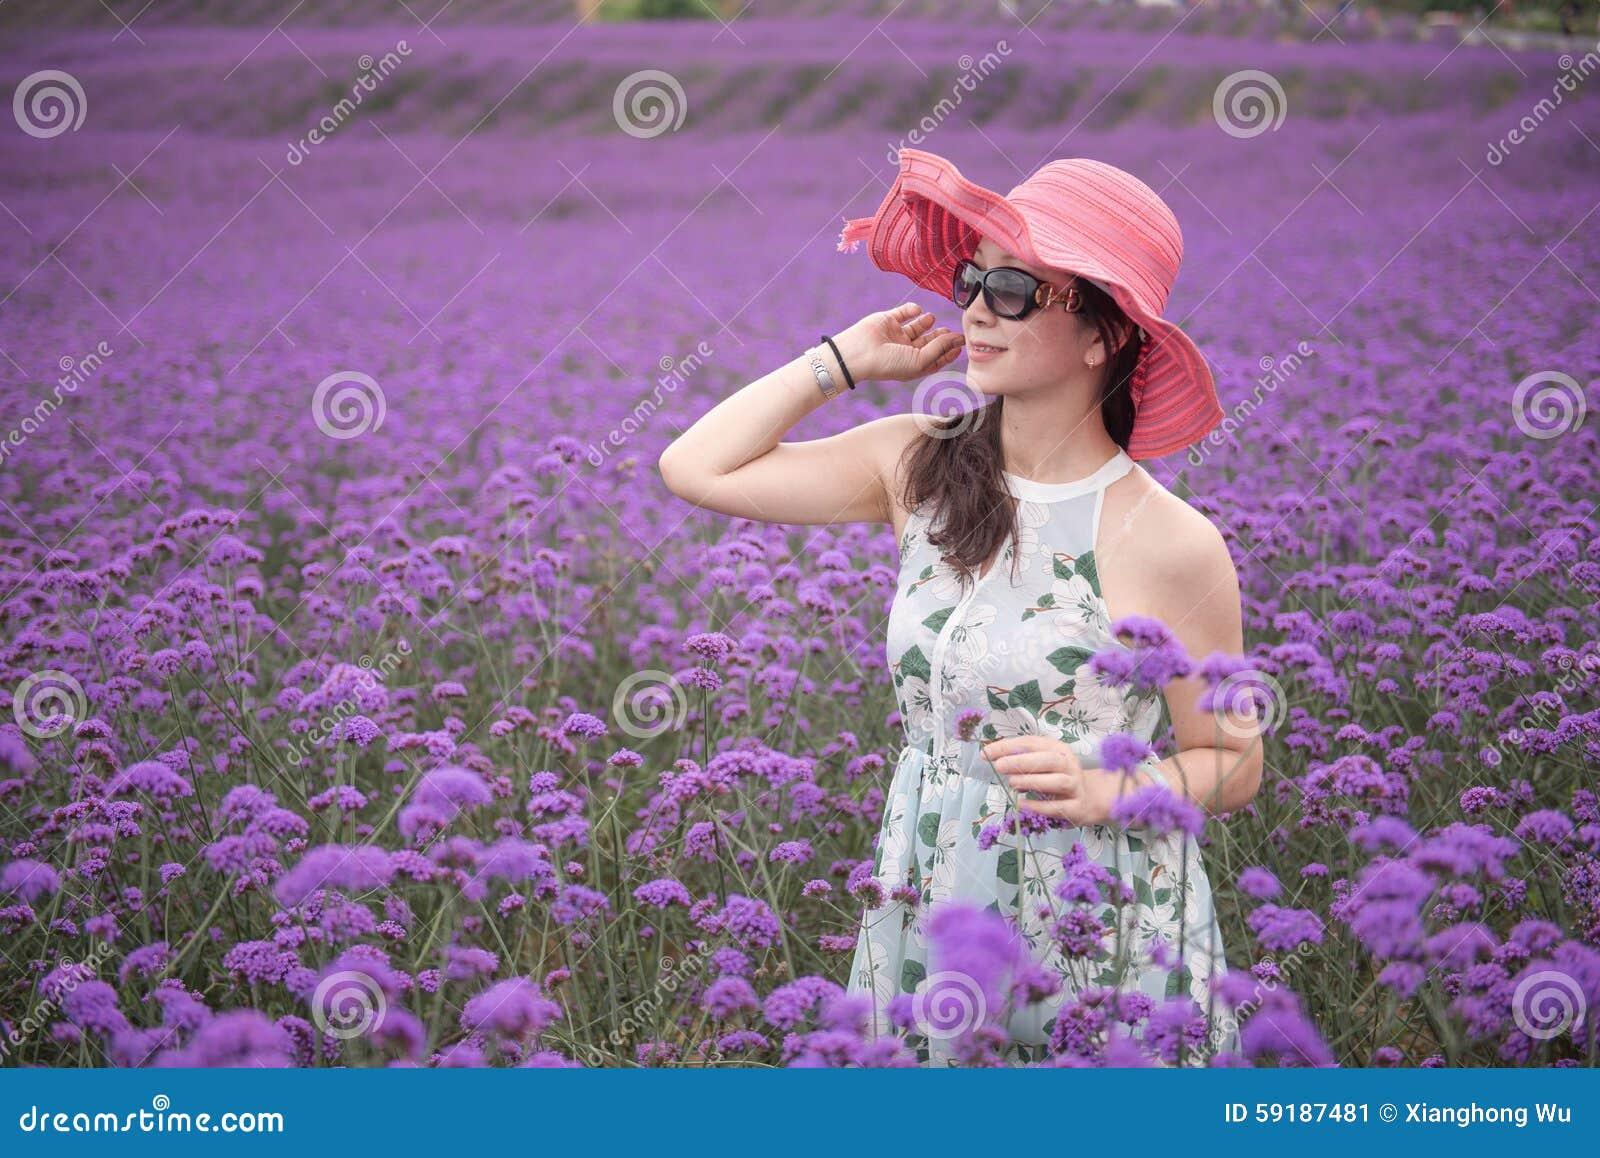 有红色帽子的妇女在淡紫色主题乐园